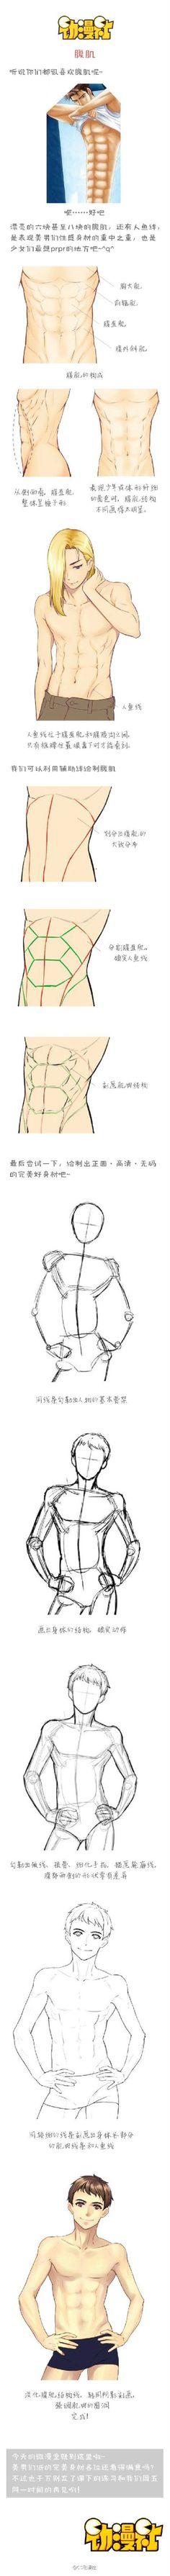 #绘画学习# 详细全面的男性肌肉绘制教程...